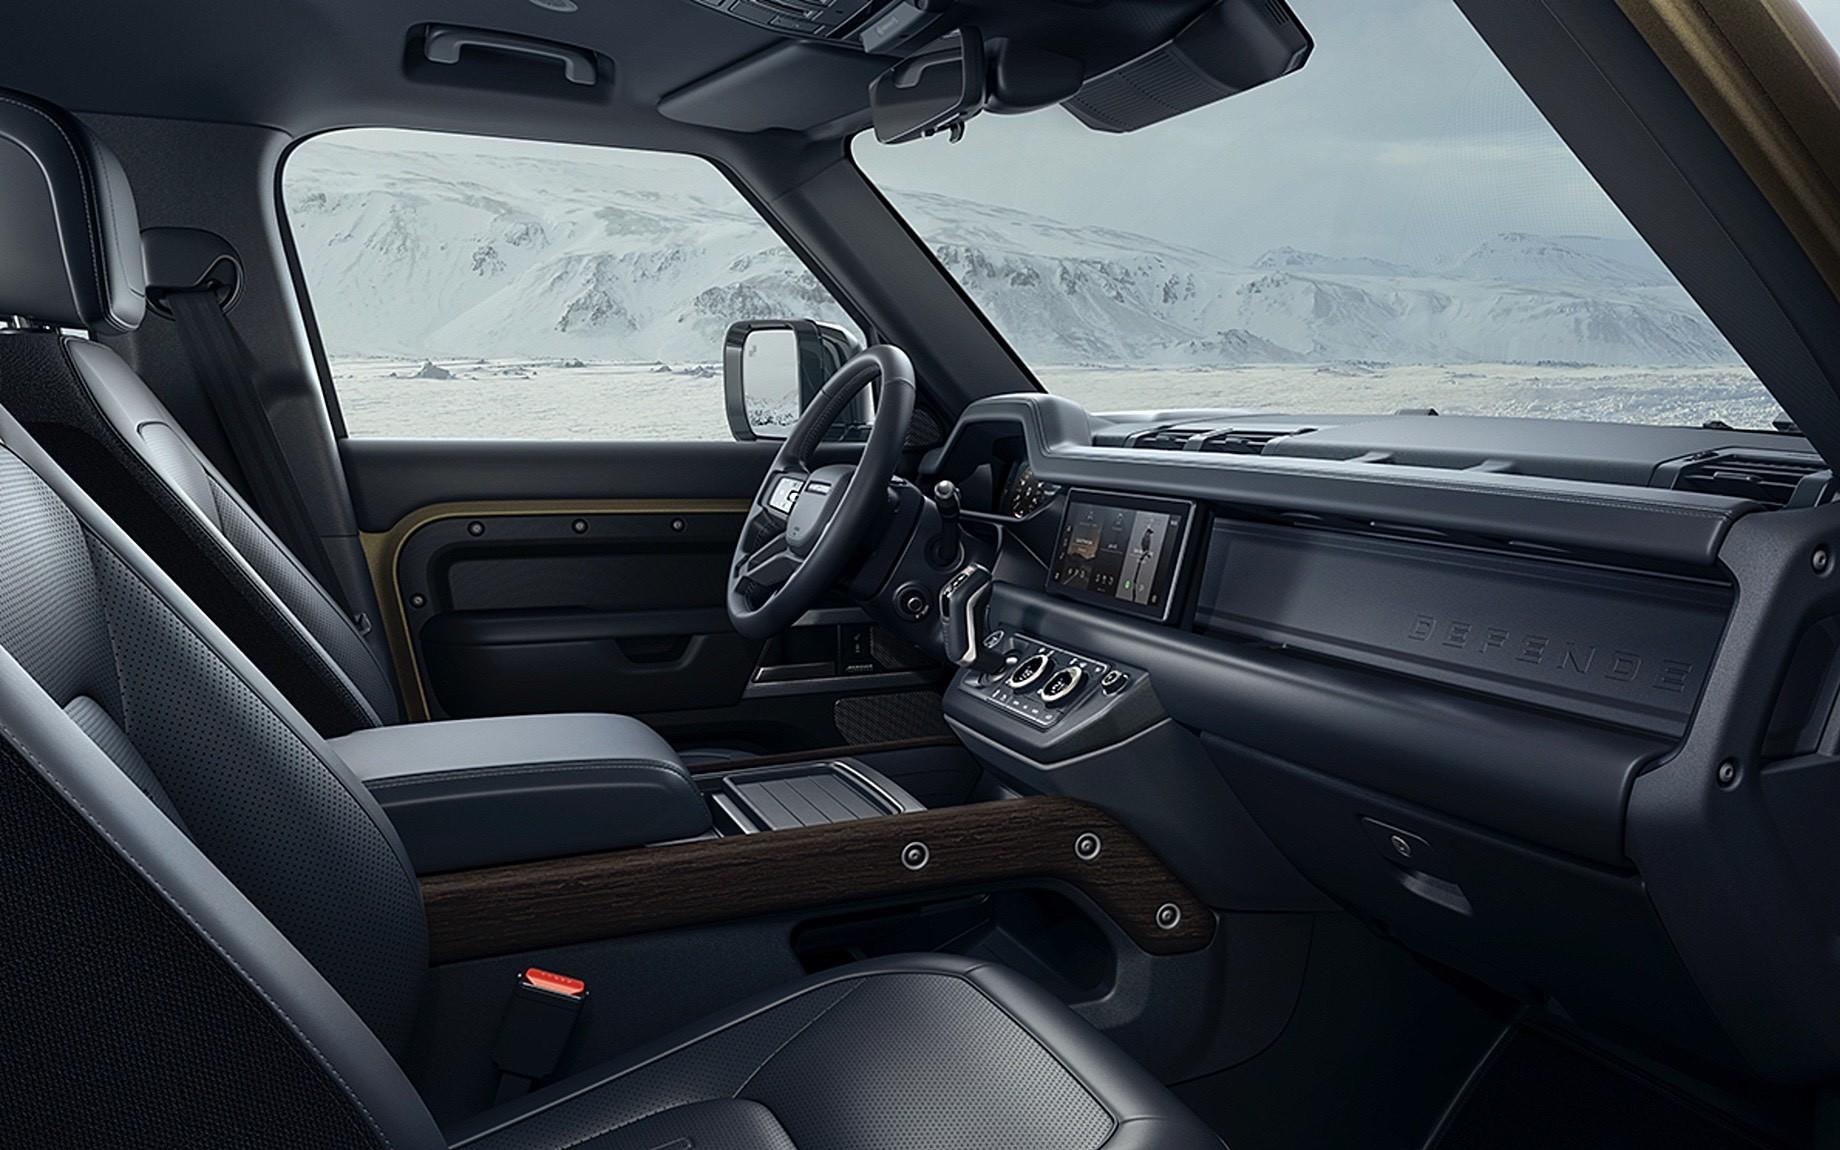 Land Rover Defender полноценно вышел нароссийский рынок